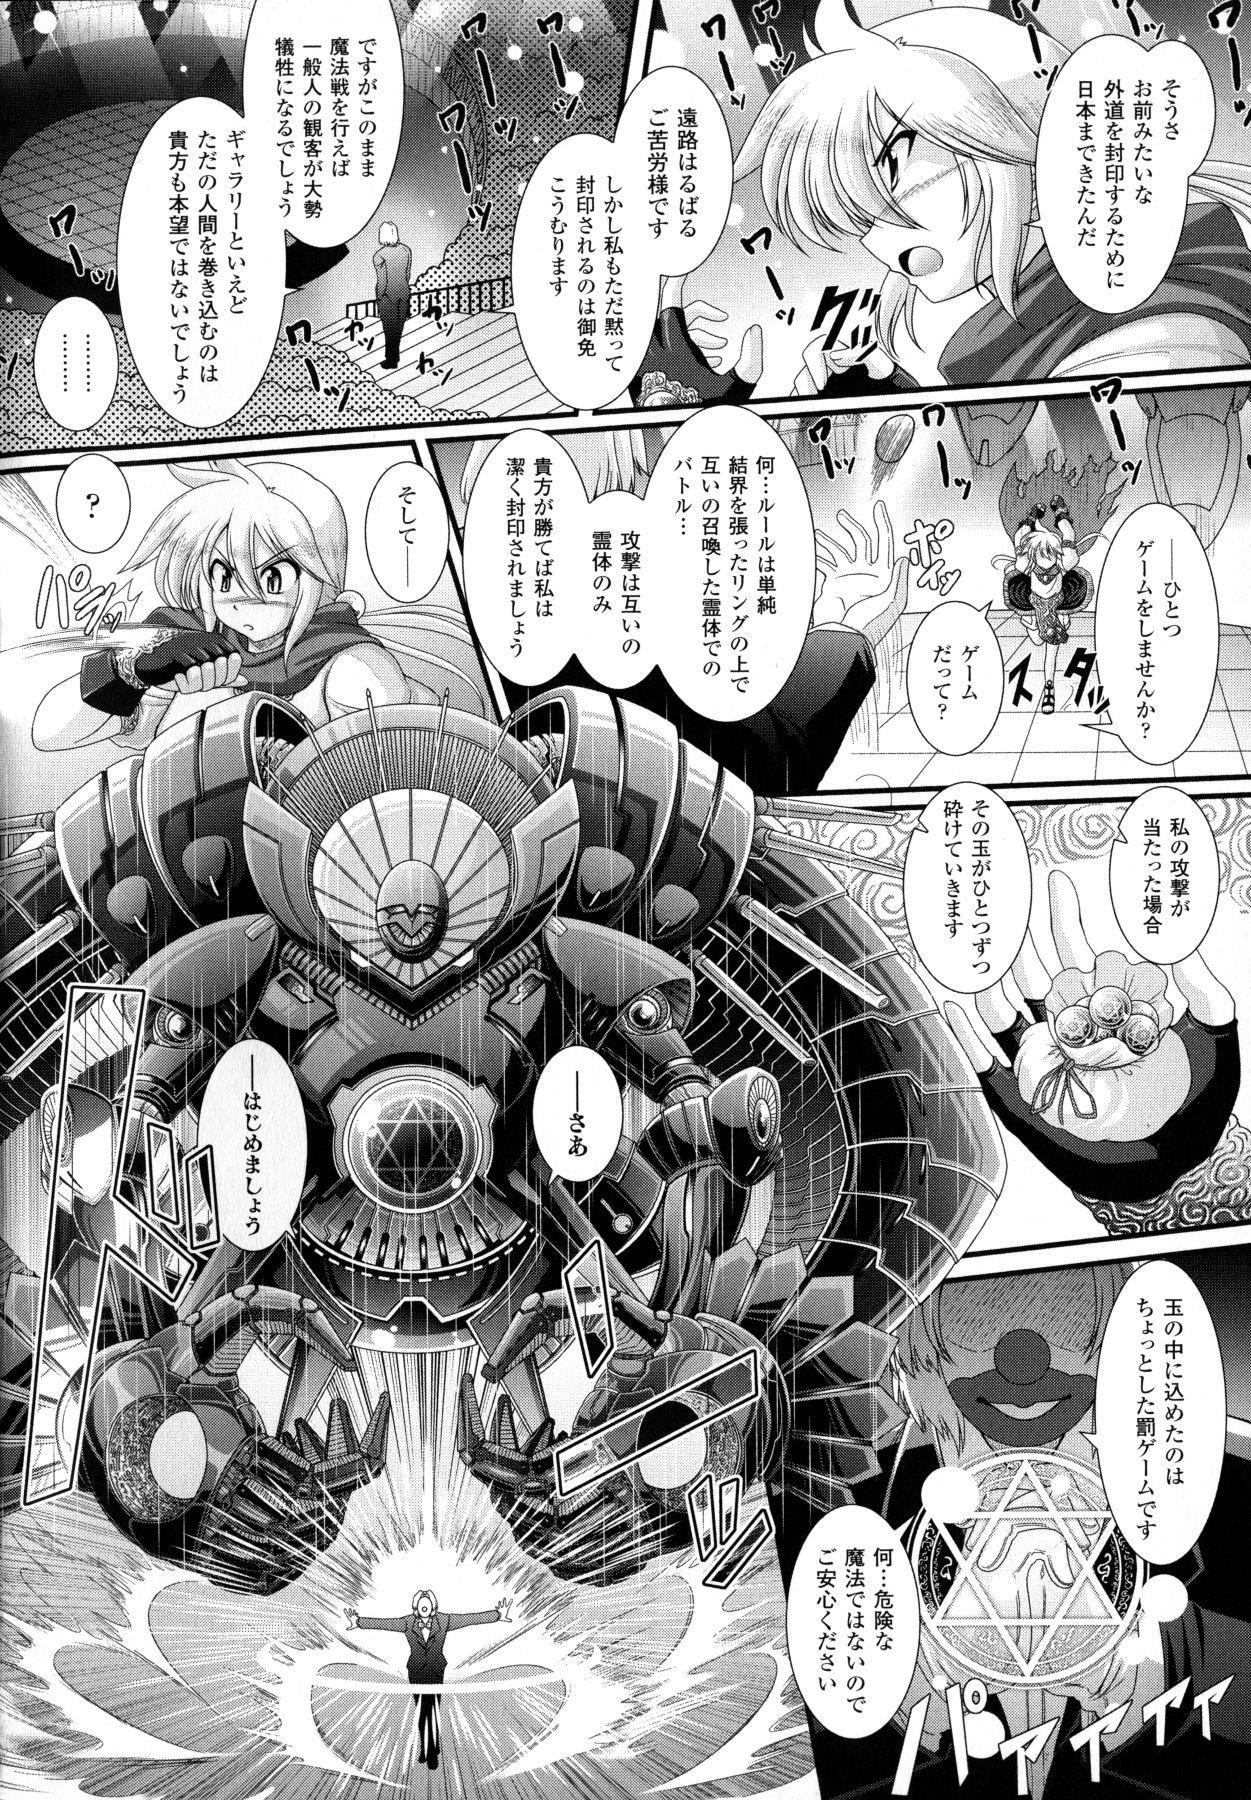 Akuma no Shitsumon 153